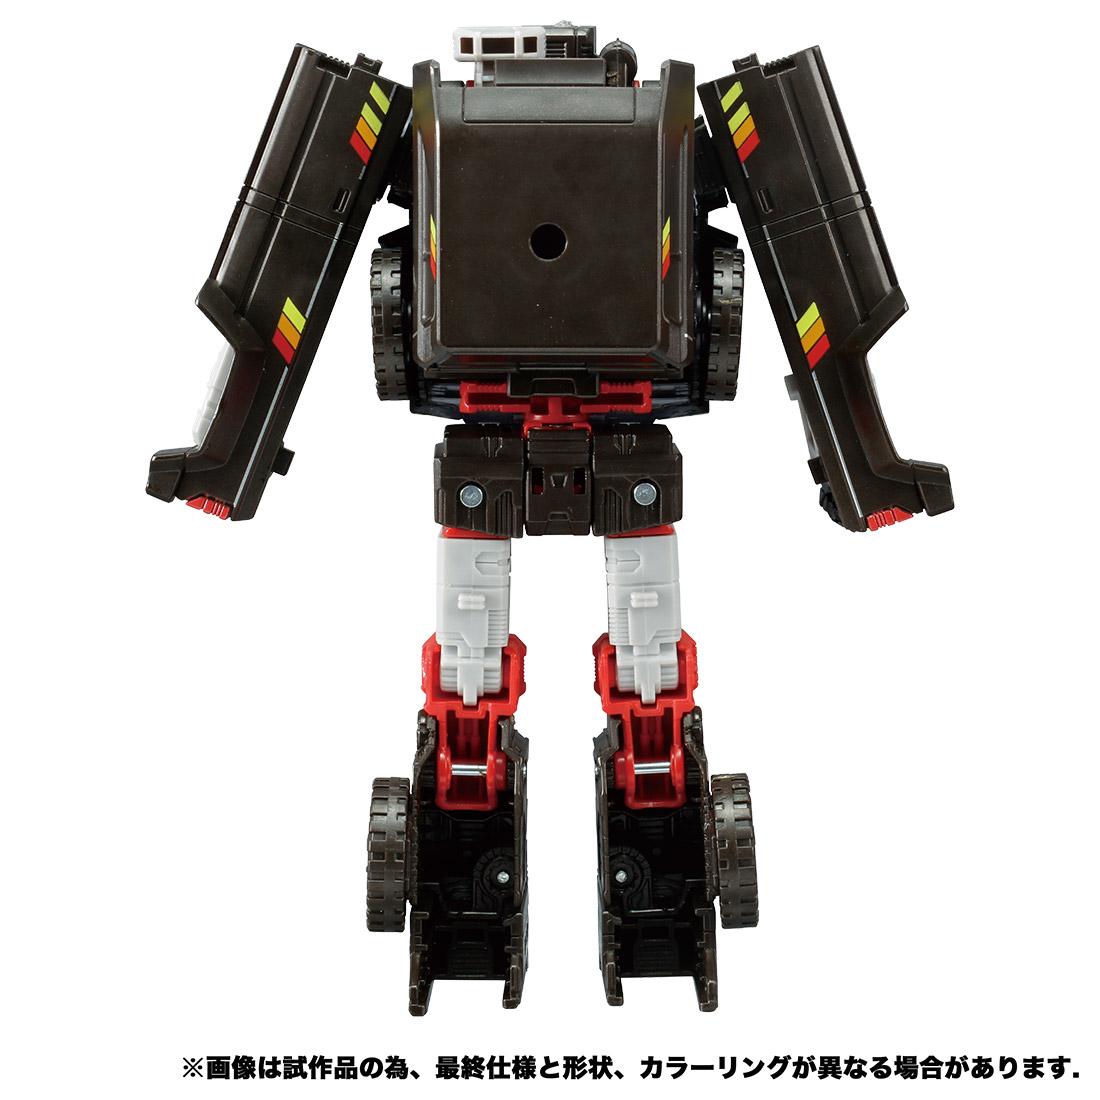 【限定販売】トランスフォーマー アースライズ『ER EX-13 トレイルブレイカー』可変可動フィギュア-005